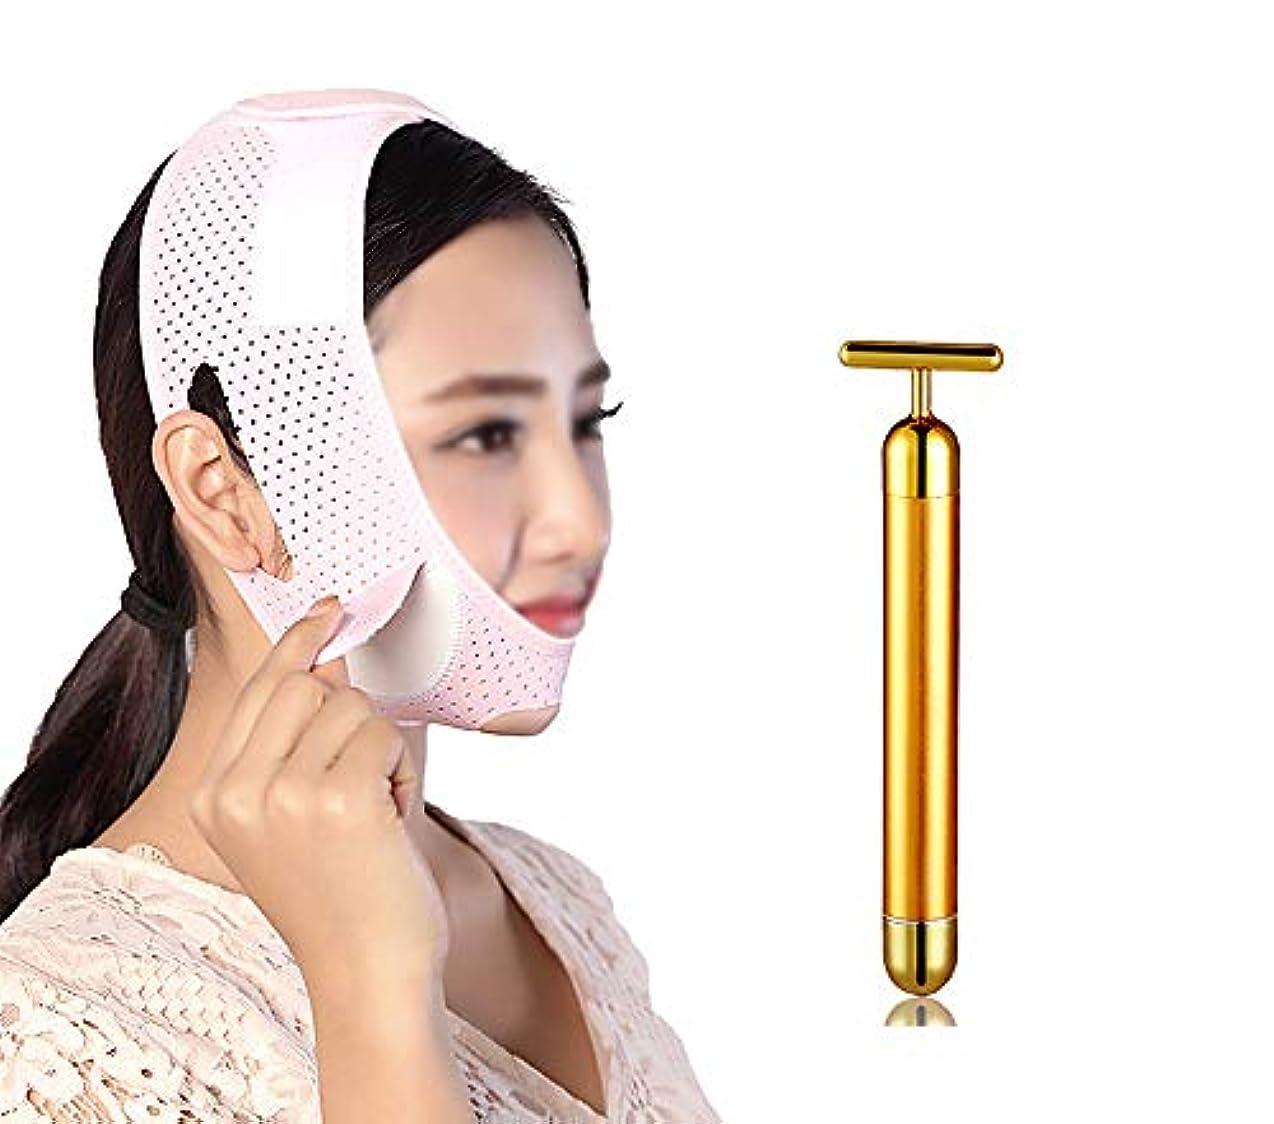 によると程度純粋な顔と首のリフト術後の弾性セットVフェイスマスクあごの収縮の調整を強化するVフェイスアーティファクト回復サポートベルト